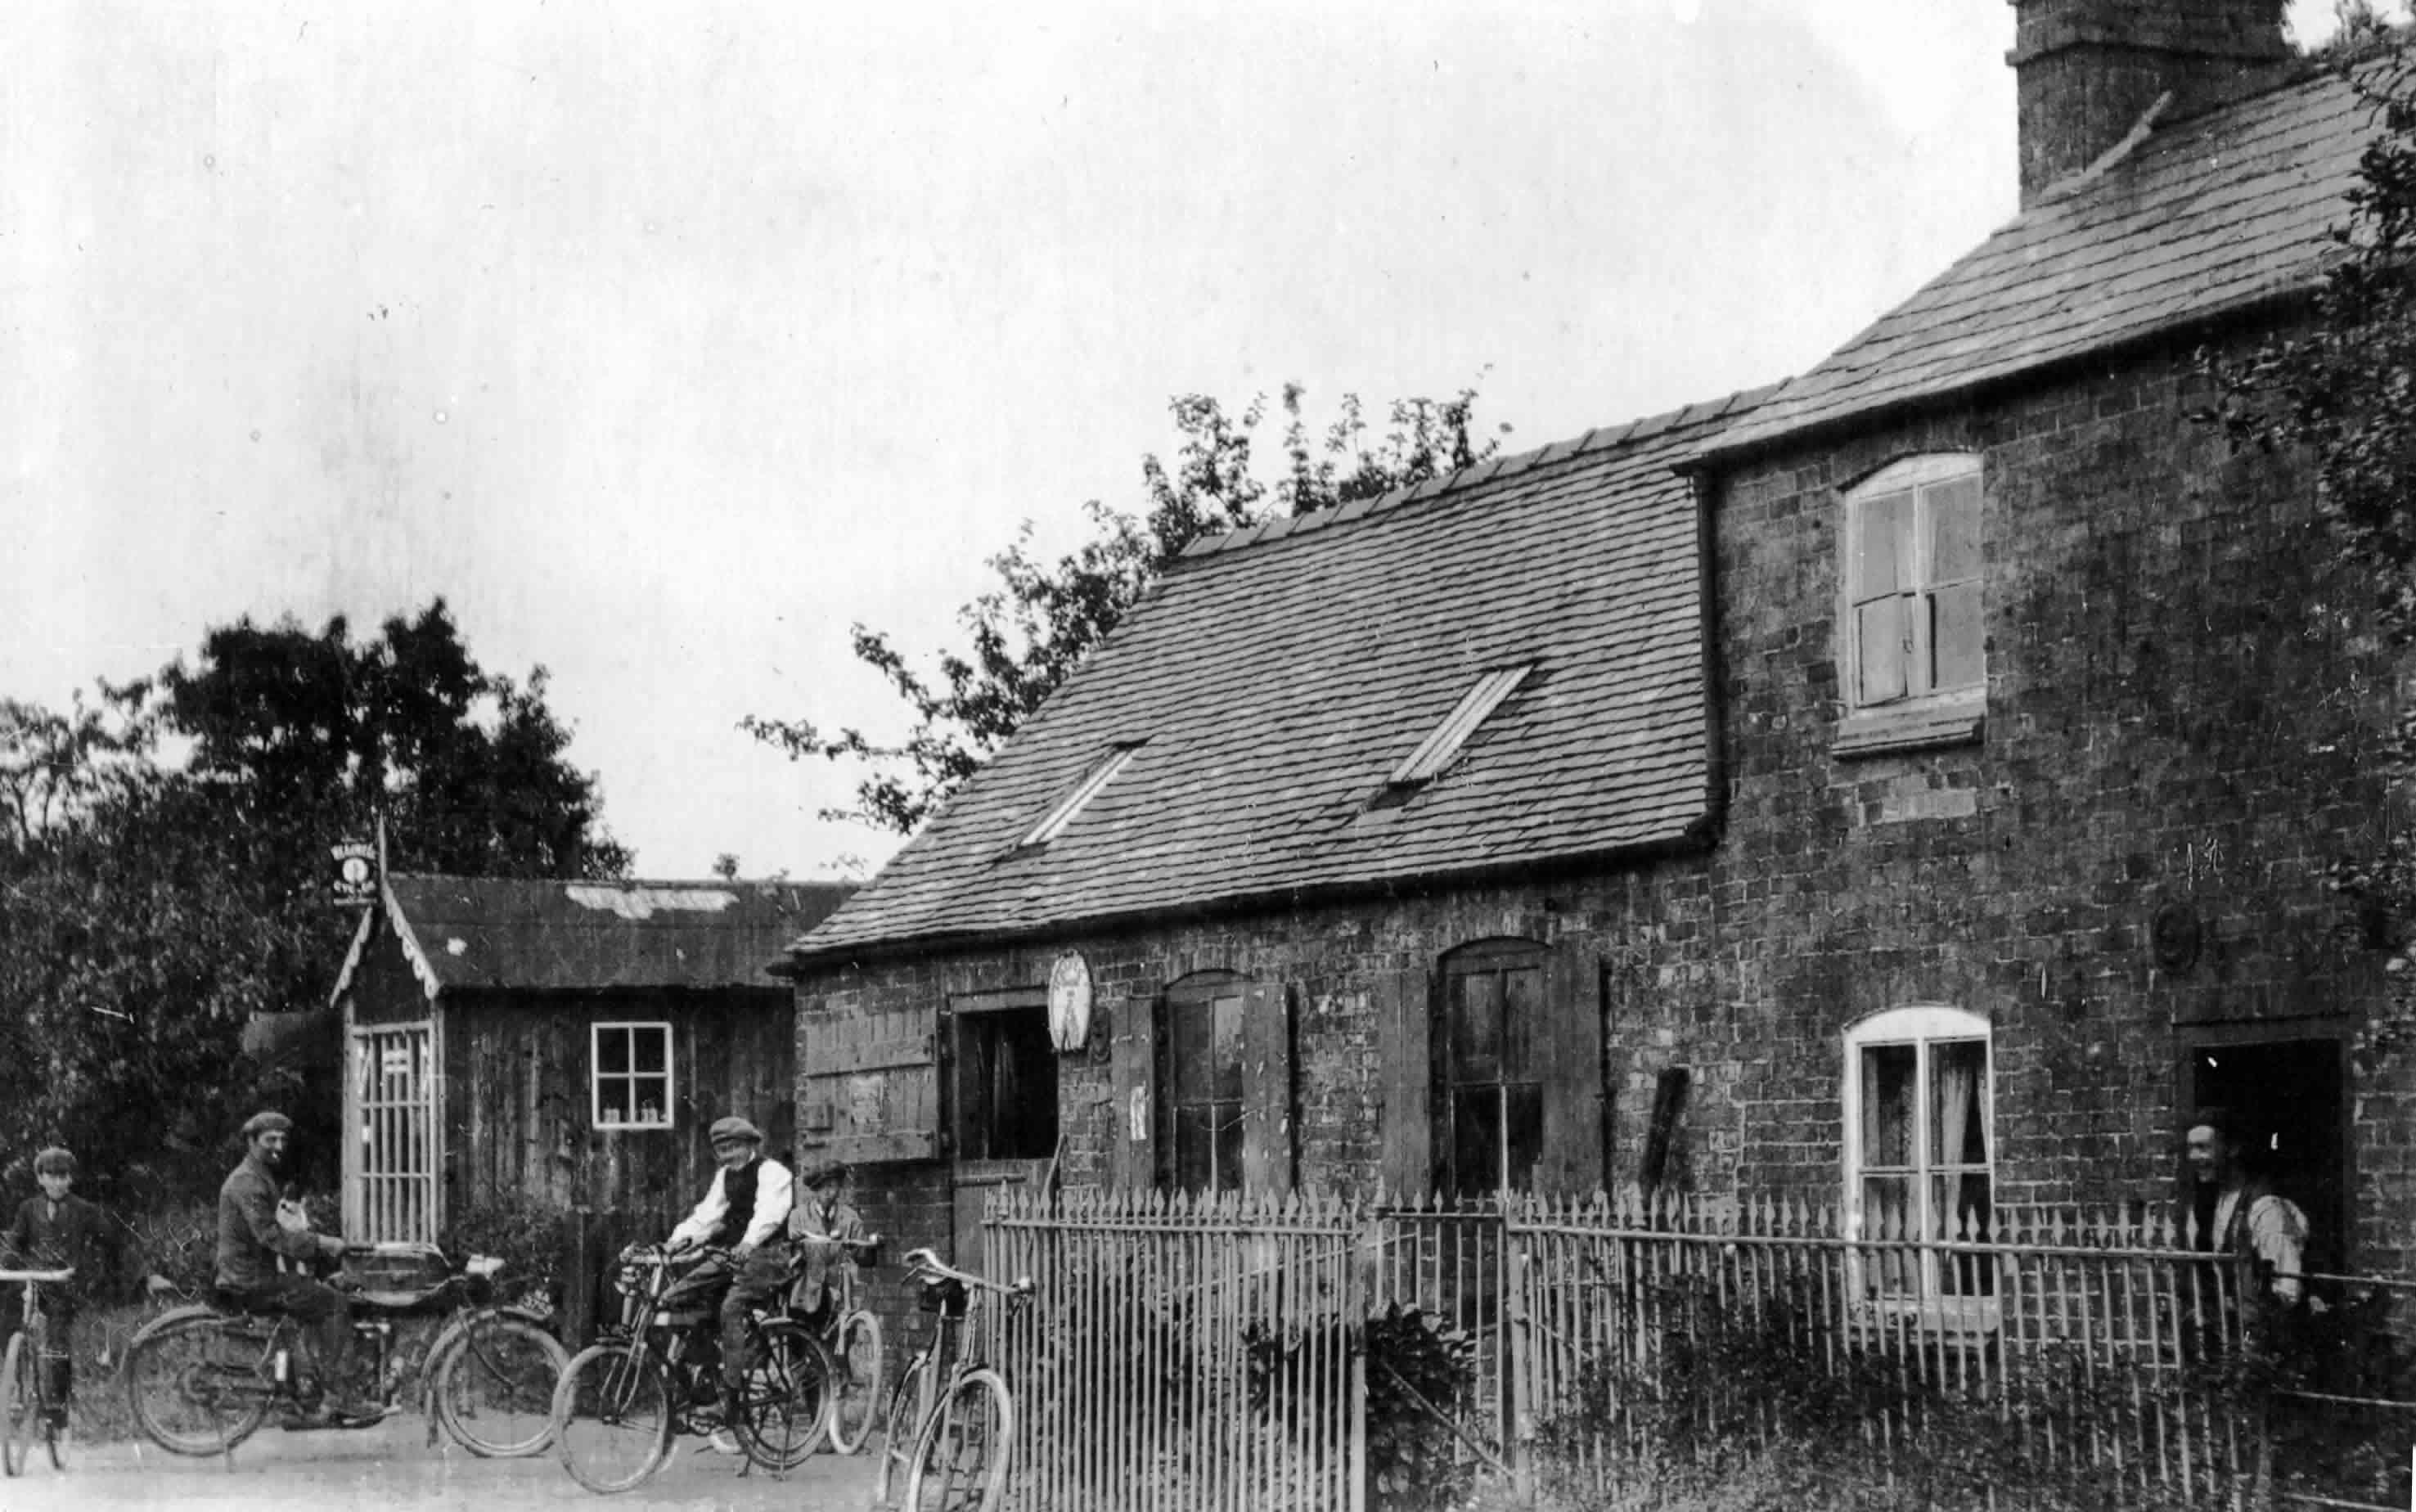 Threapwood Past